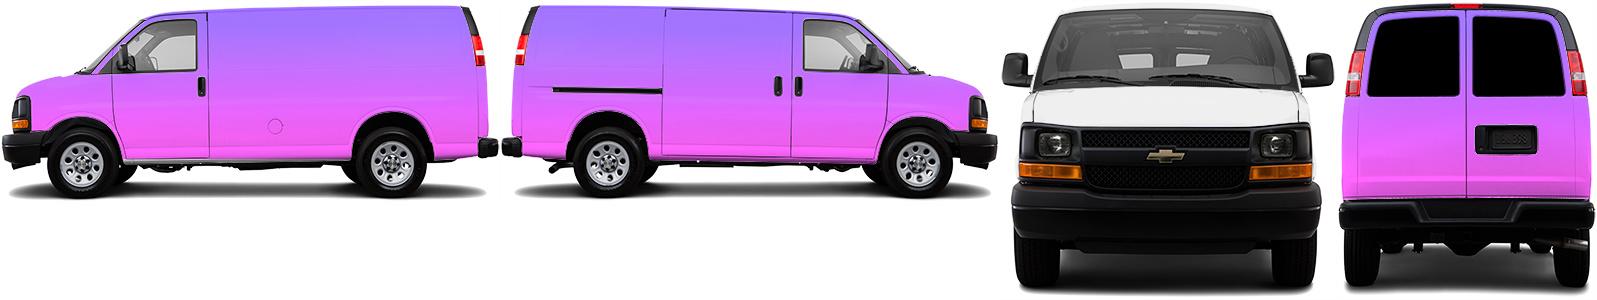 Cargo Van Wrap #49644